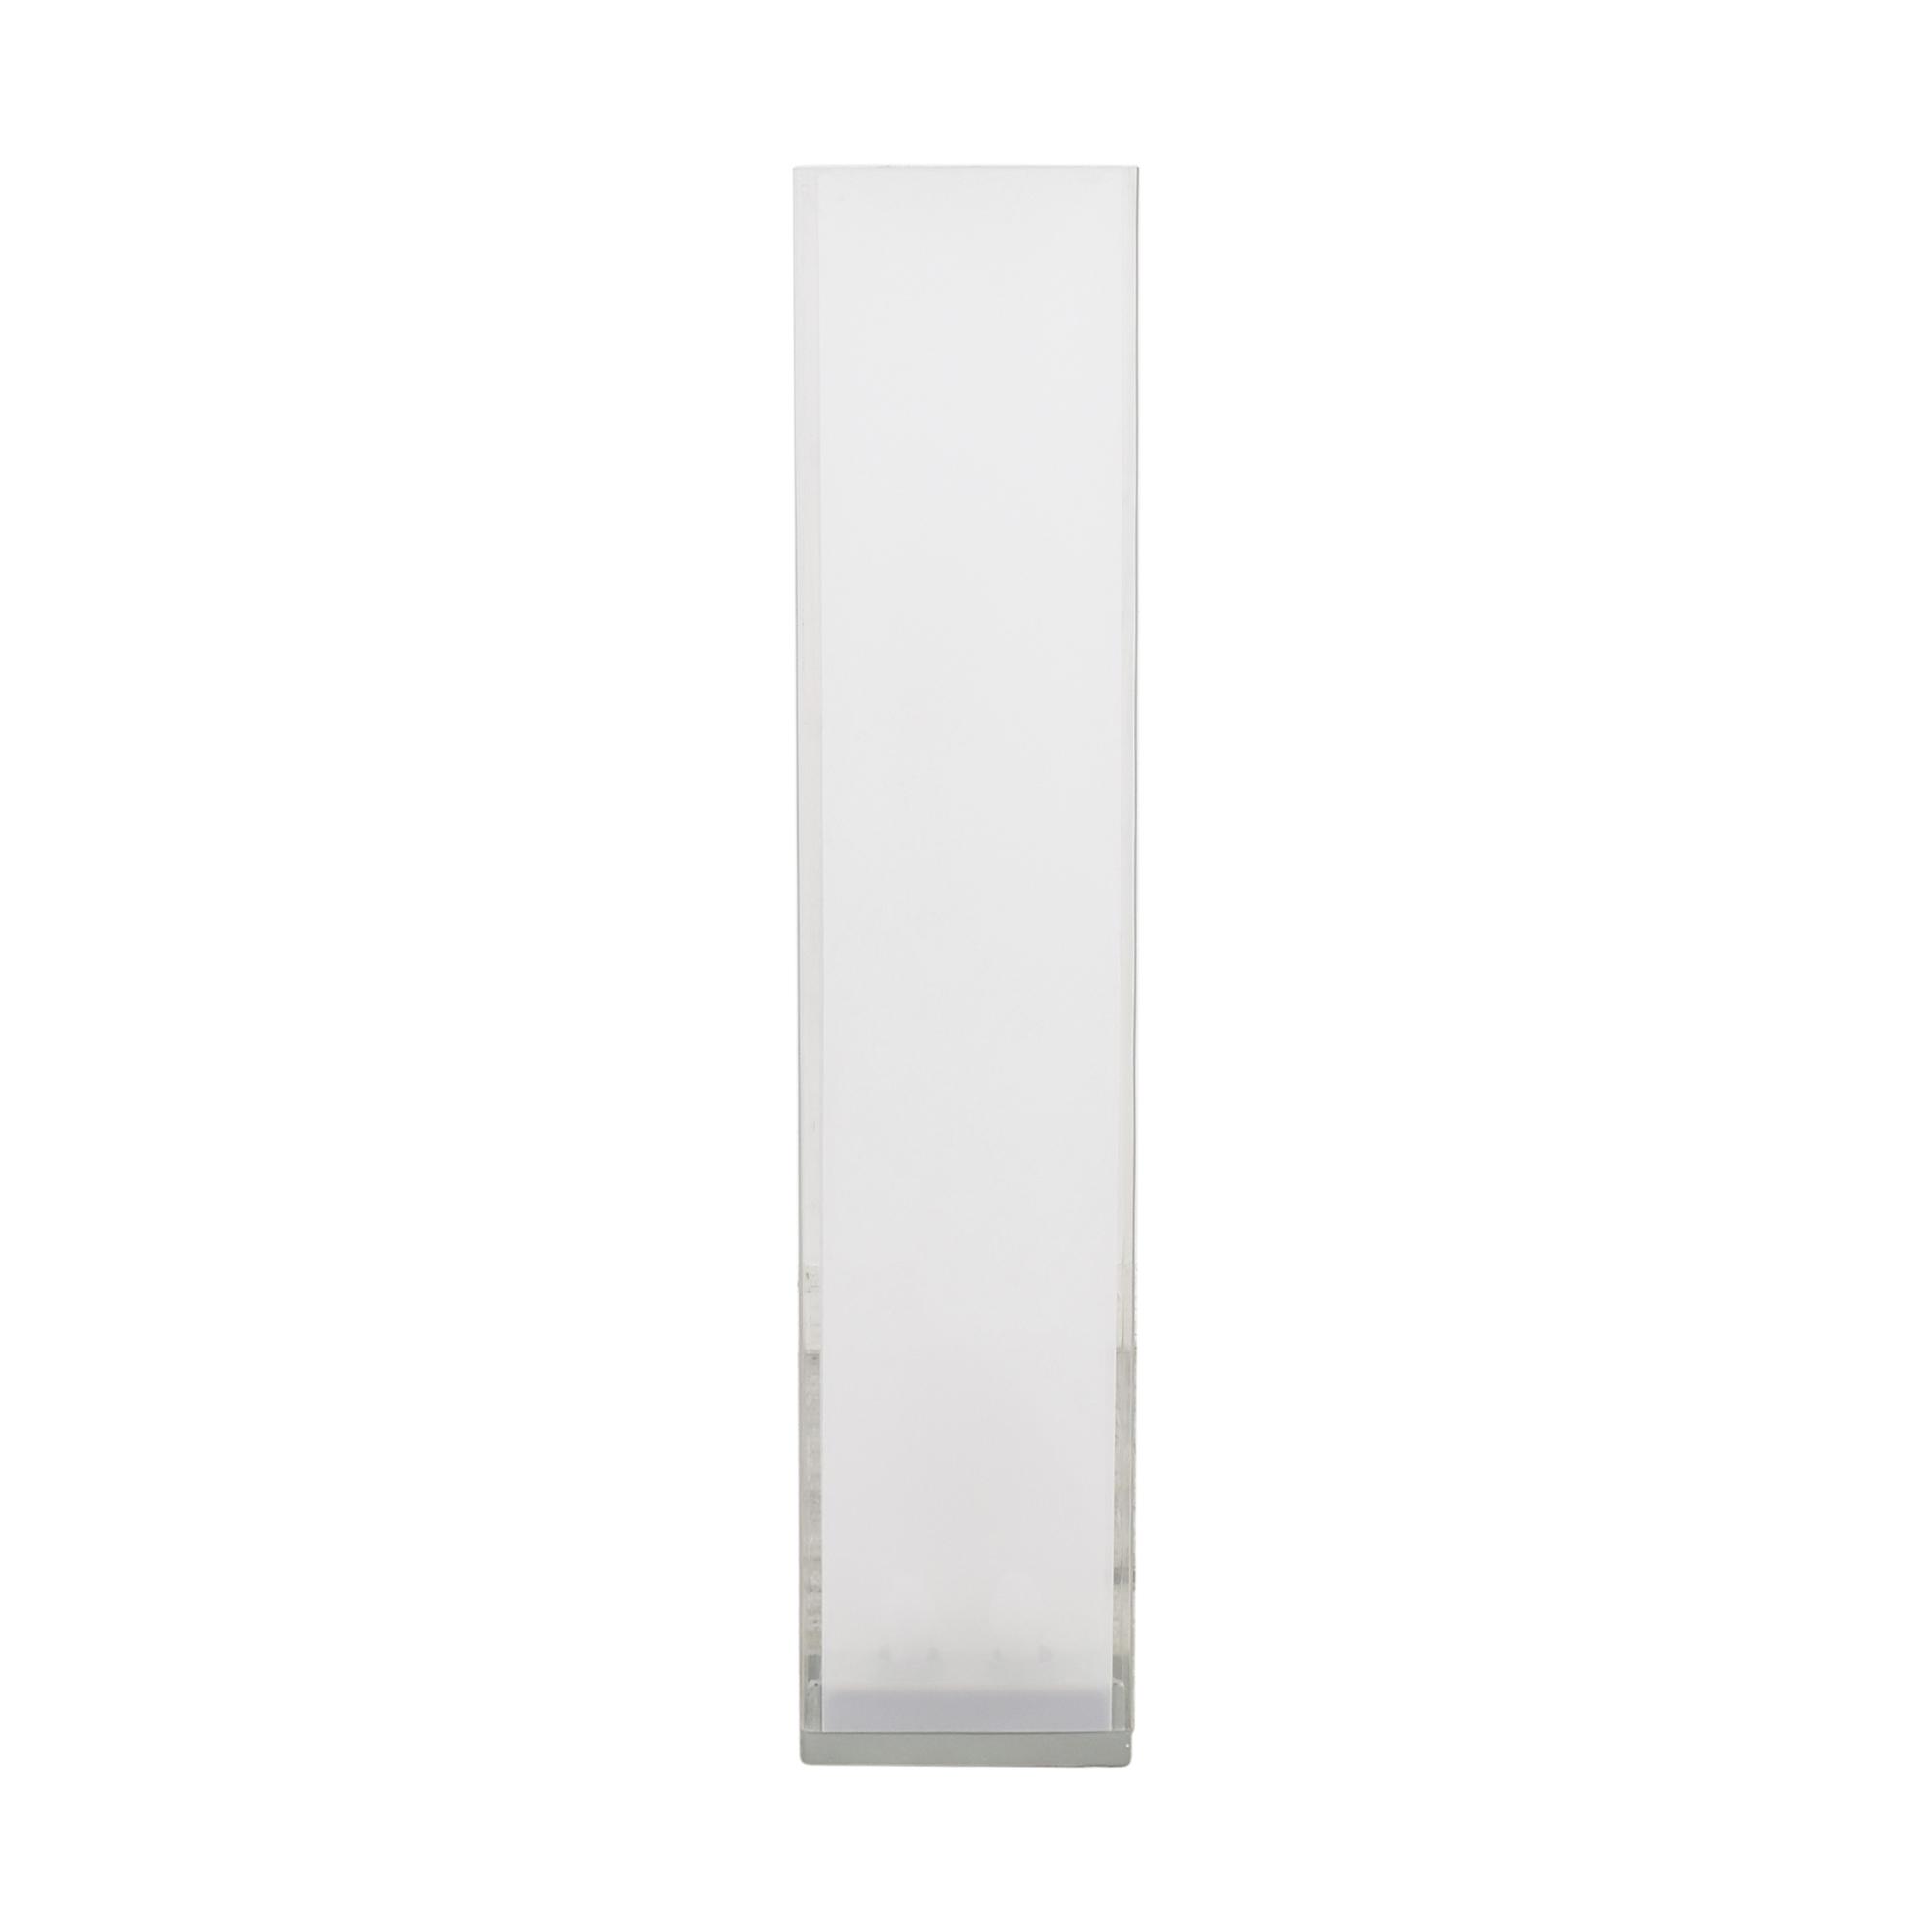 shop Pablo Designs Pablo Designs Cortina Floor Lamp online